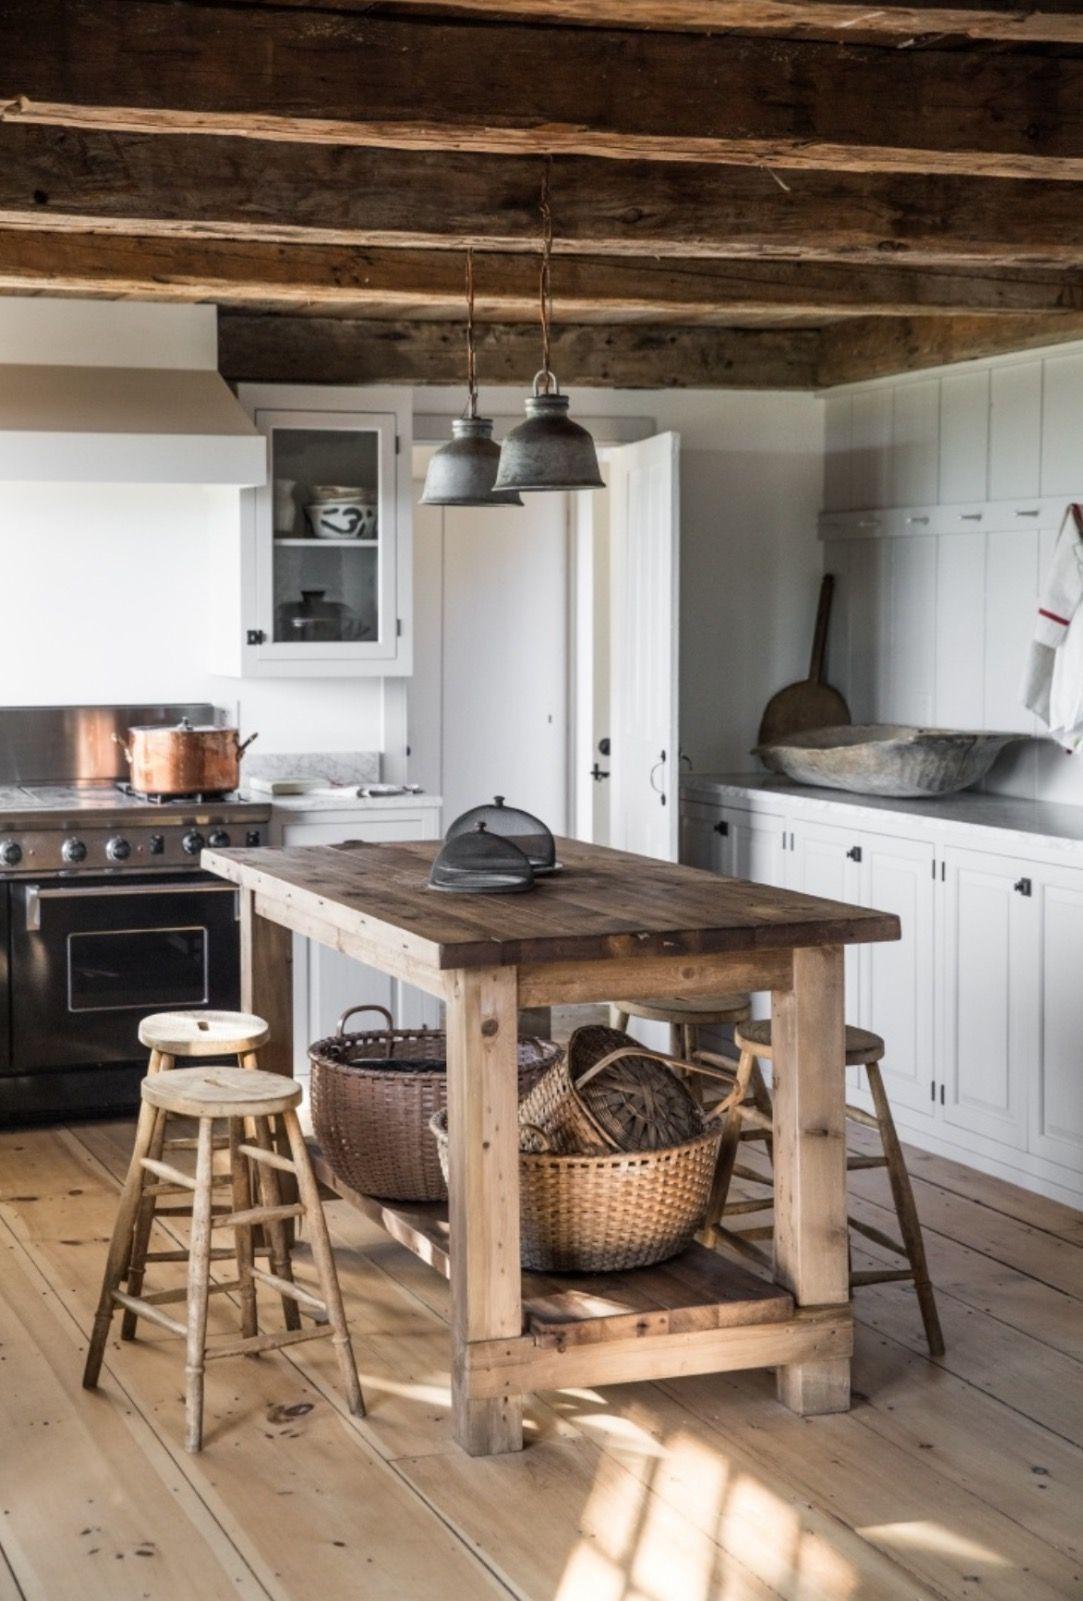 Pin von Corinne Cornut auf Chalet | Pinterest | Natur, Küche und ...